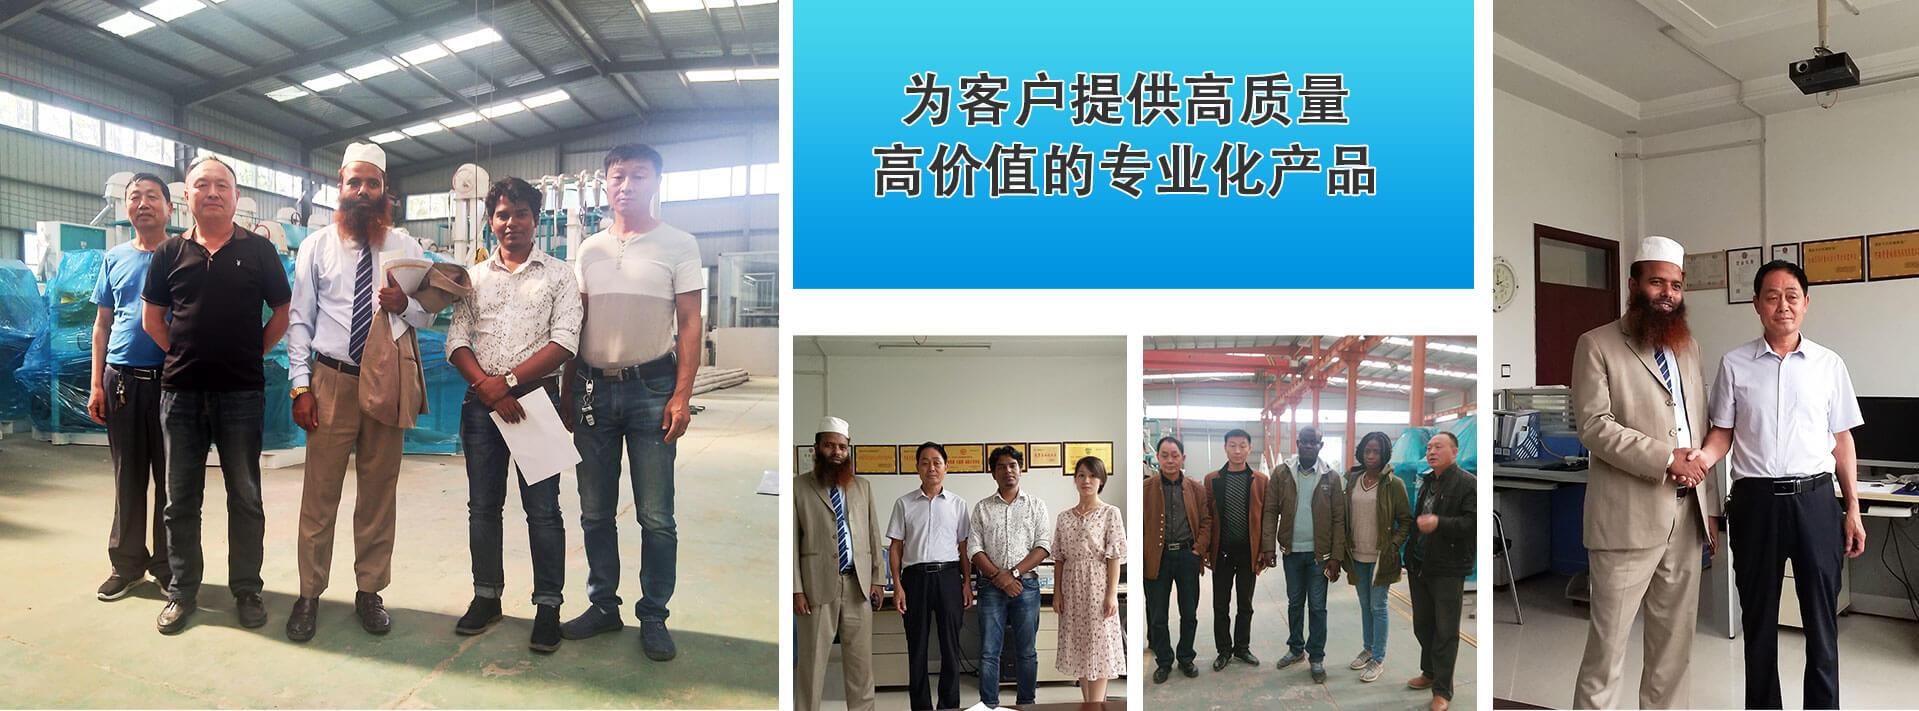 河南省予北粮油机械有限公司